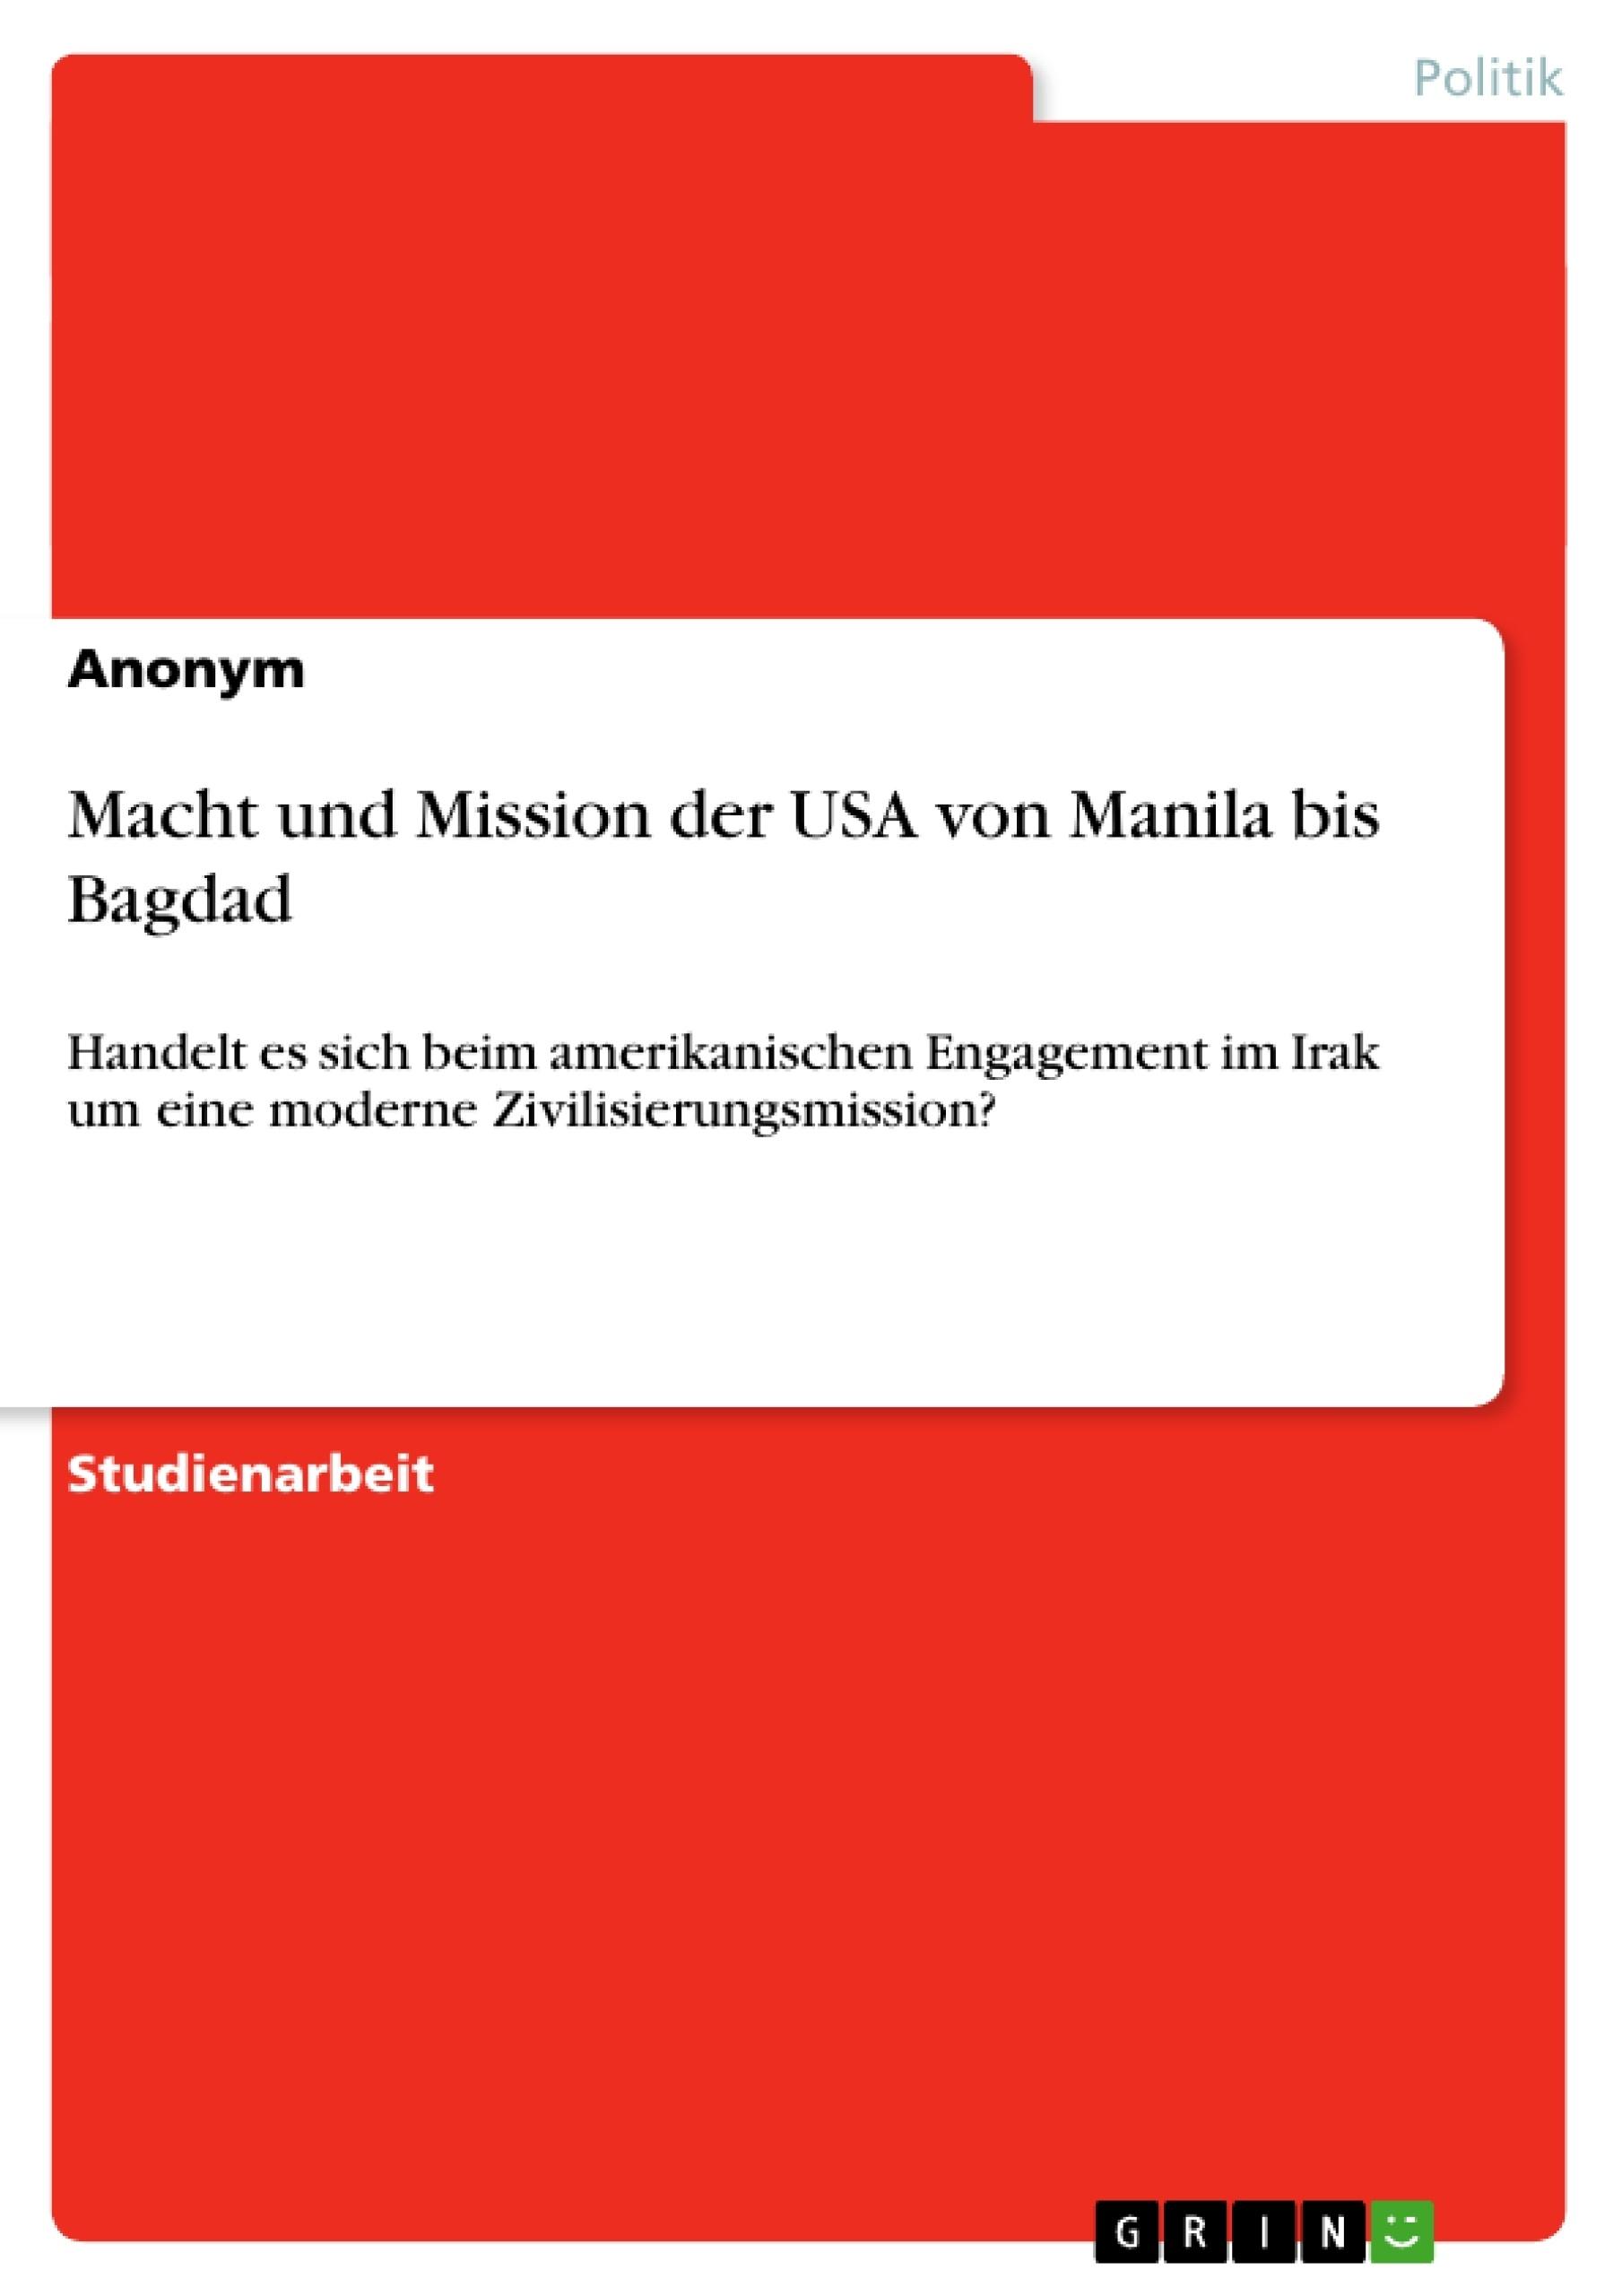 Titel: Macht und Mission der USA von Manila bis Bagdad